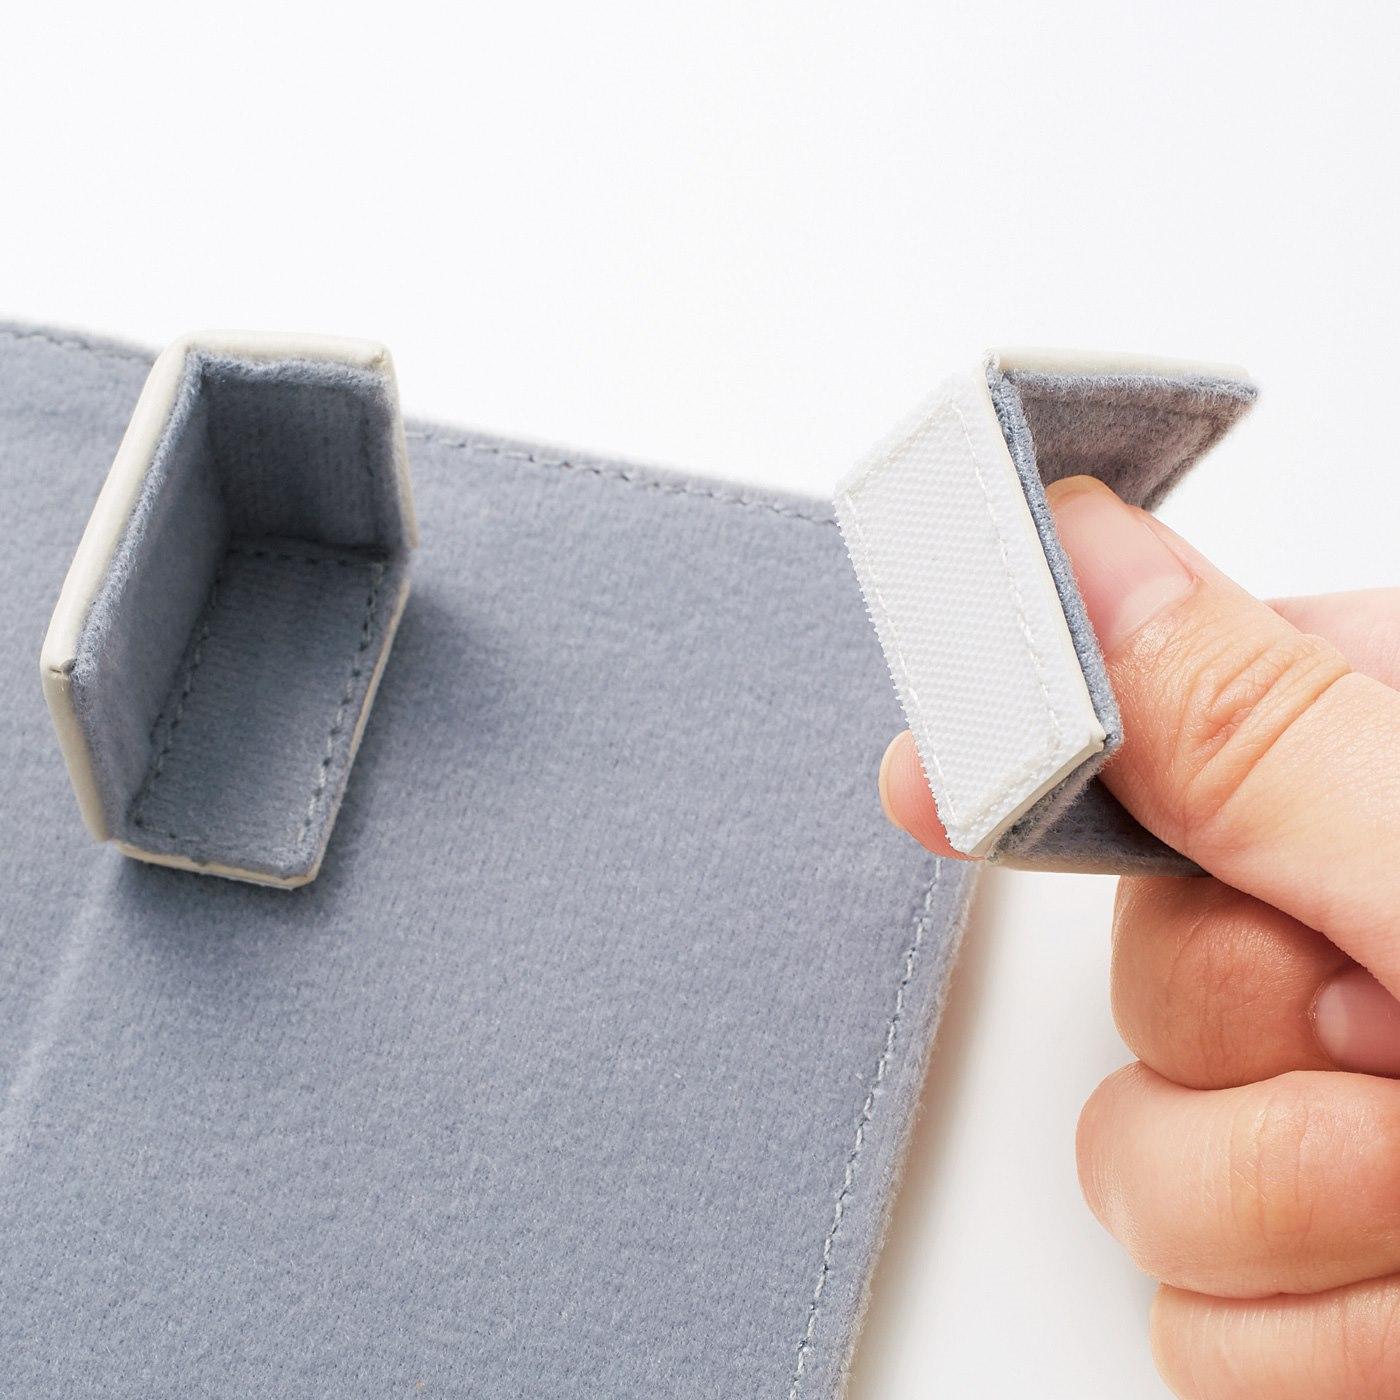 上部のパーツは、面ファスナーで自由な位置に固定可能。お手持ちのリモコンにジャストフィット。